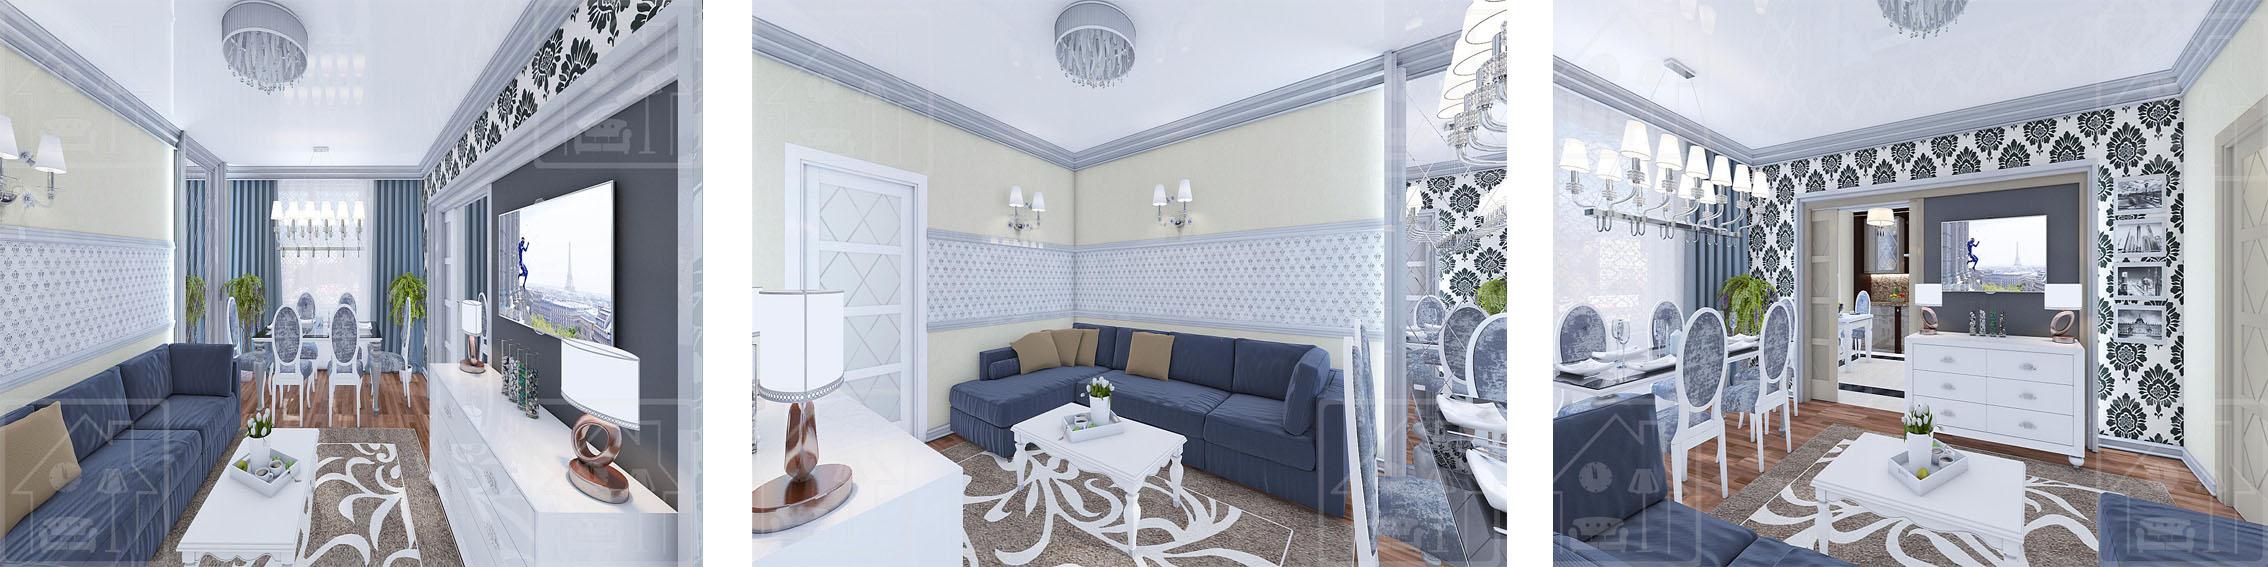 Гостиная в современном класическом стиле_2-х комнатная квартира г_Видное